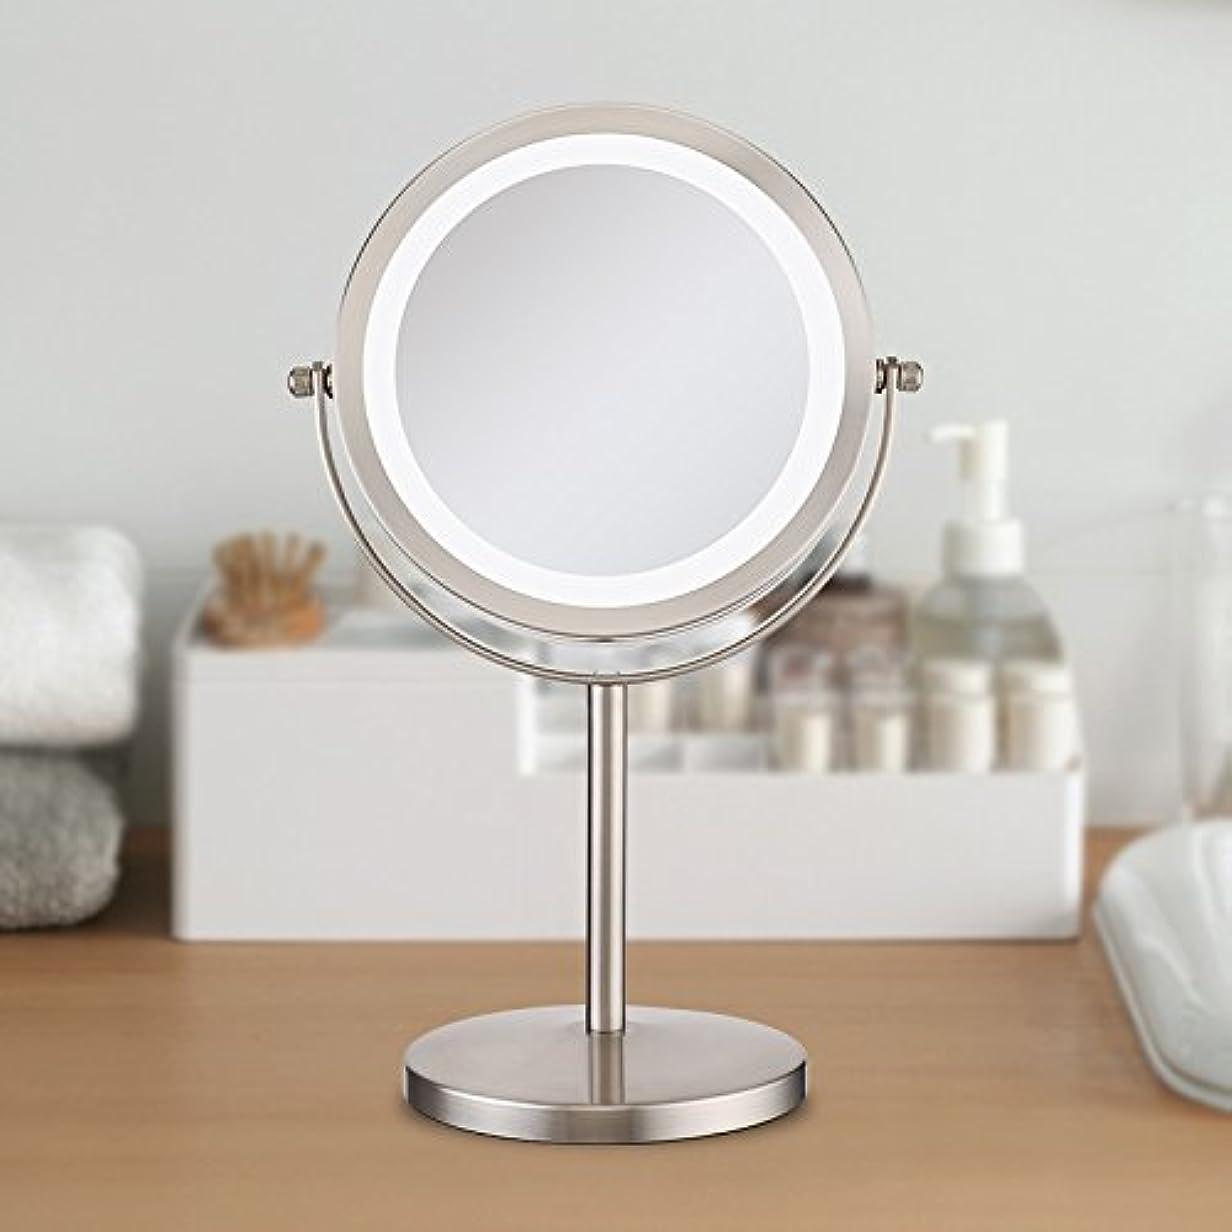 借りているビール先祖(セーディコ)Cerdeco 真実の北欧風卓上鏡DX LEDライト付き 10倍拡大率 両面化粧鏡 真実の鏡DX スタンドミラー 鏡面φ178mm (10倍拡大+等倍?両面) D710N